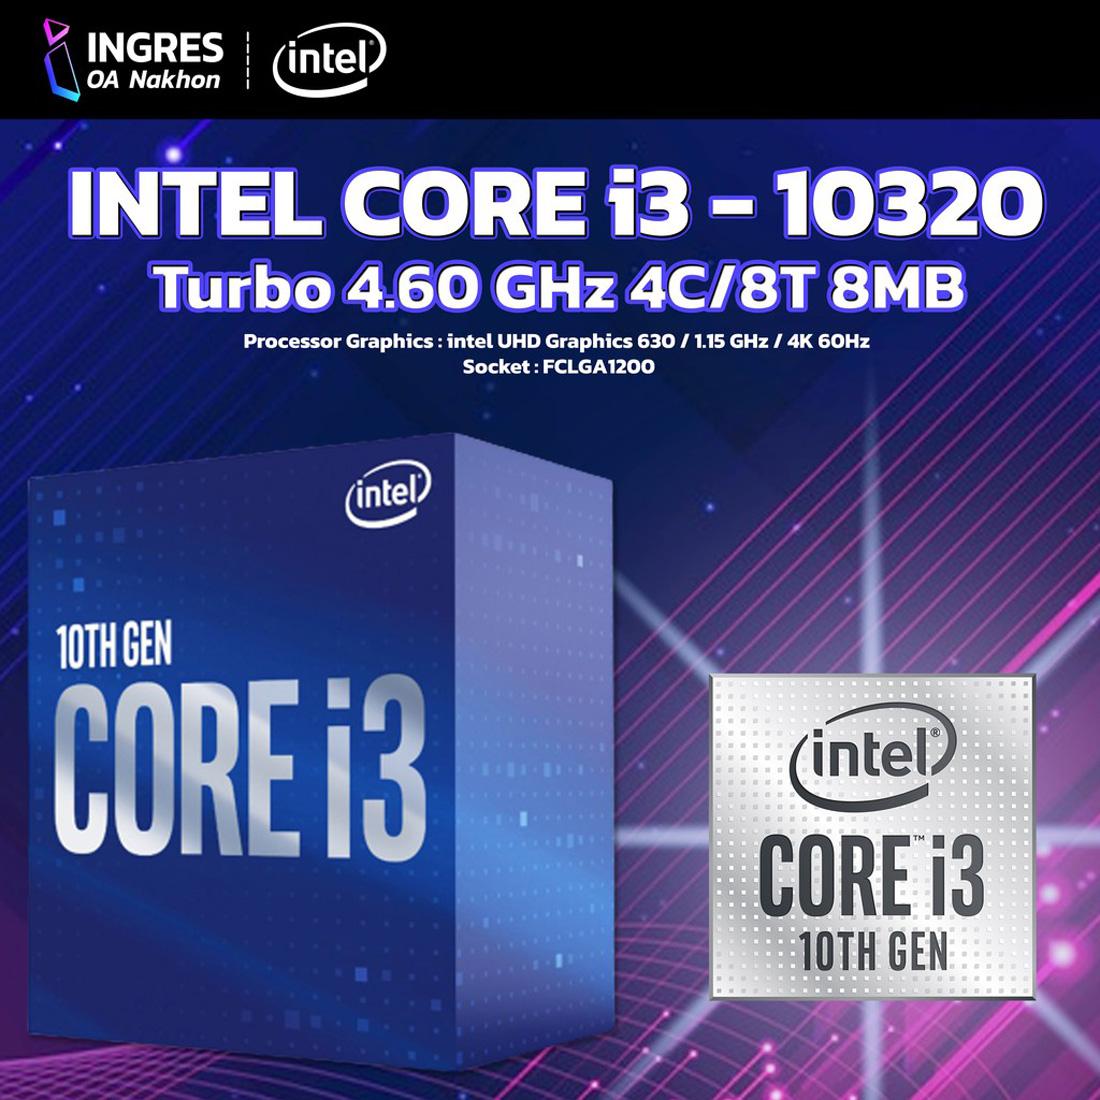 Core i3 10320